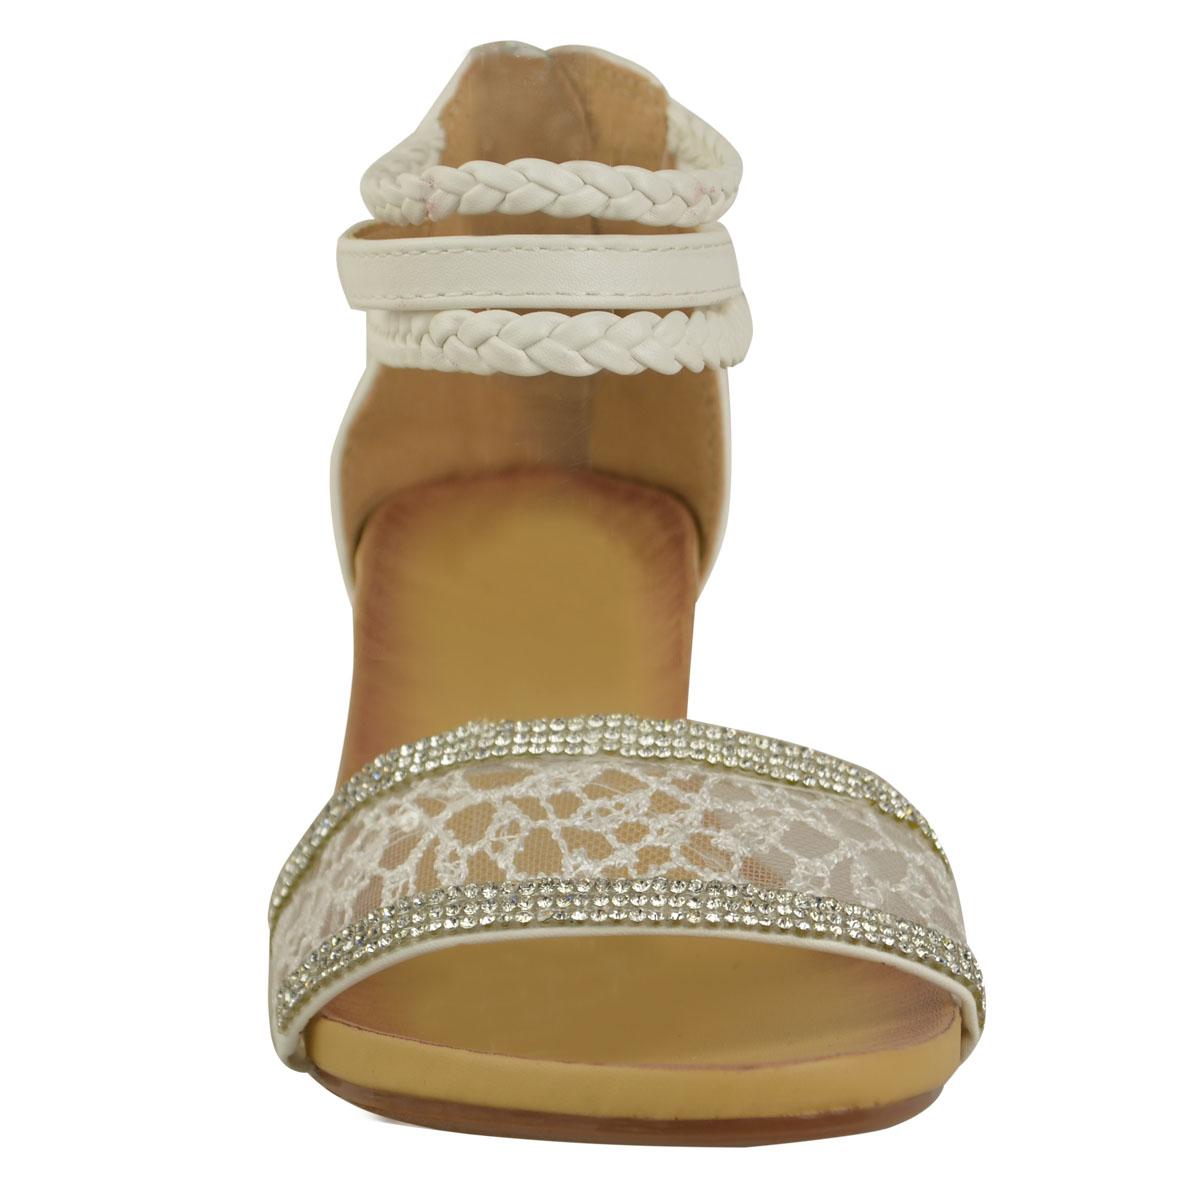 Mesdames-sandales-d-039-ete-pour-femme-talons-compense-bride-cheville-strass-et-dentelle-taille